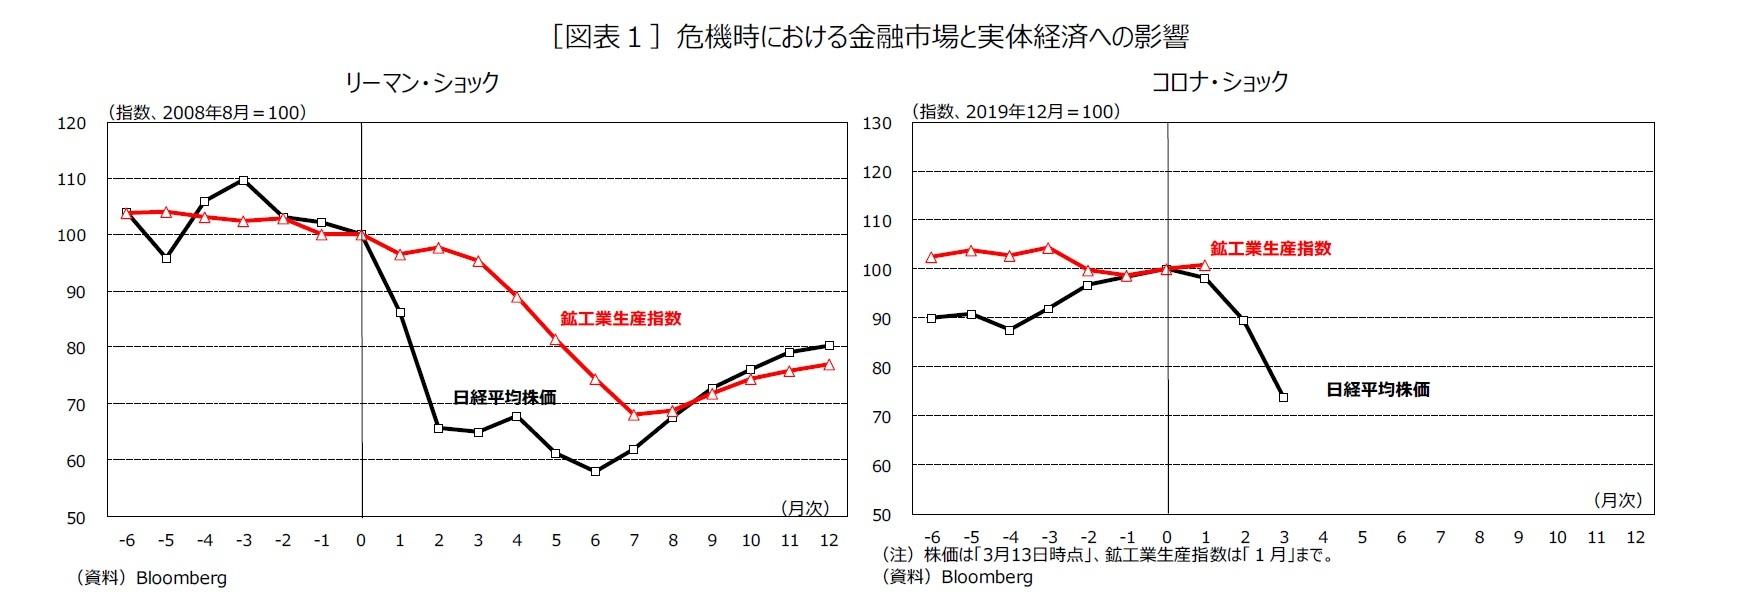 [図表1]危機時における金融市場と実体経済への影響